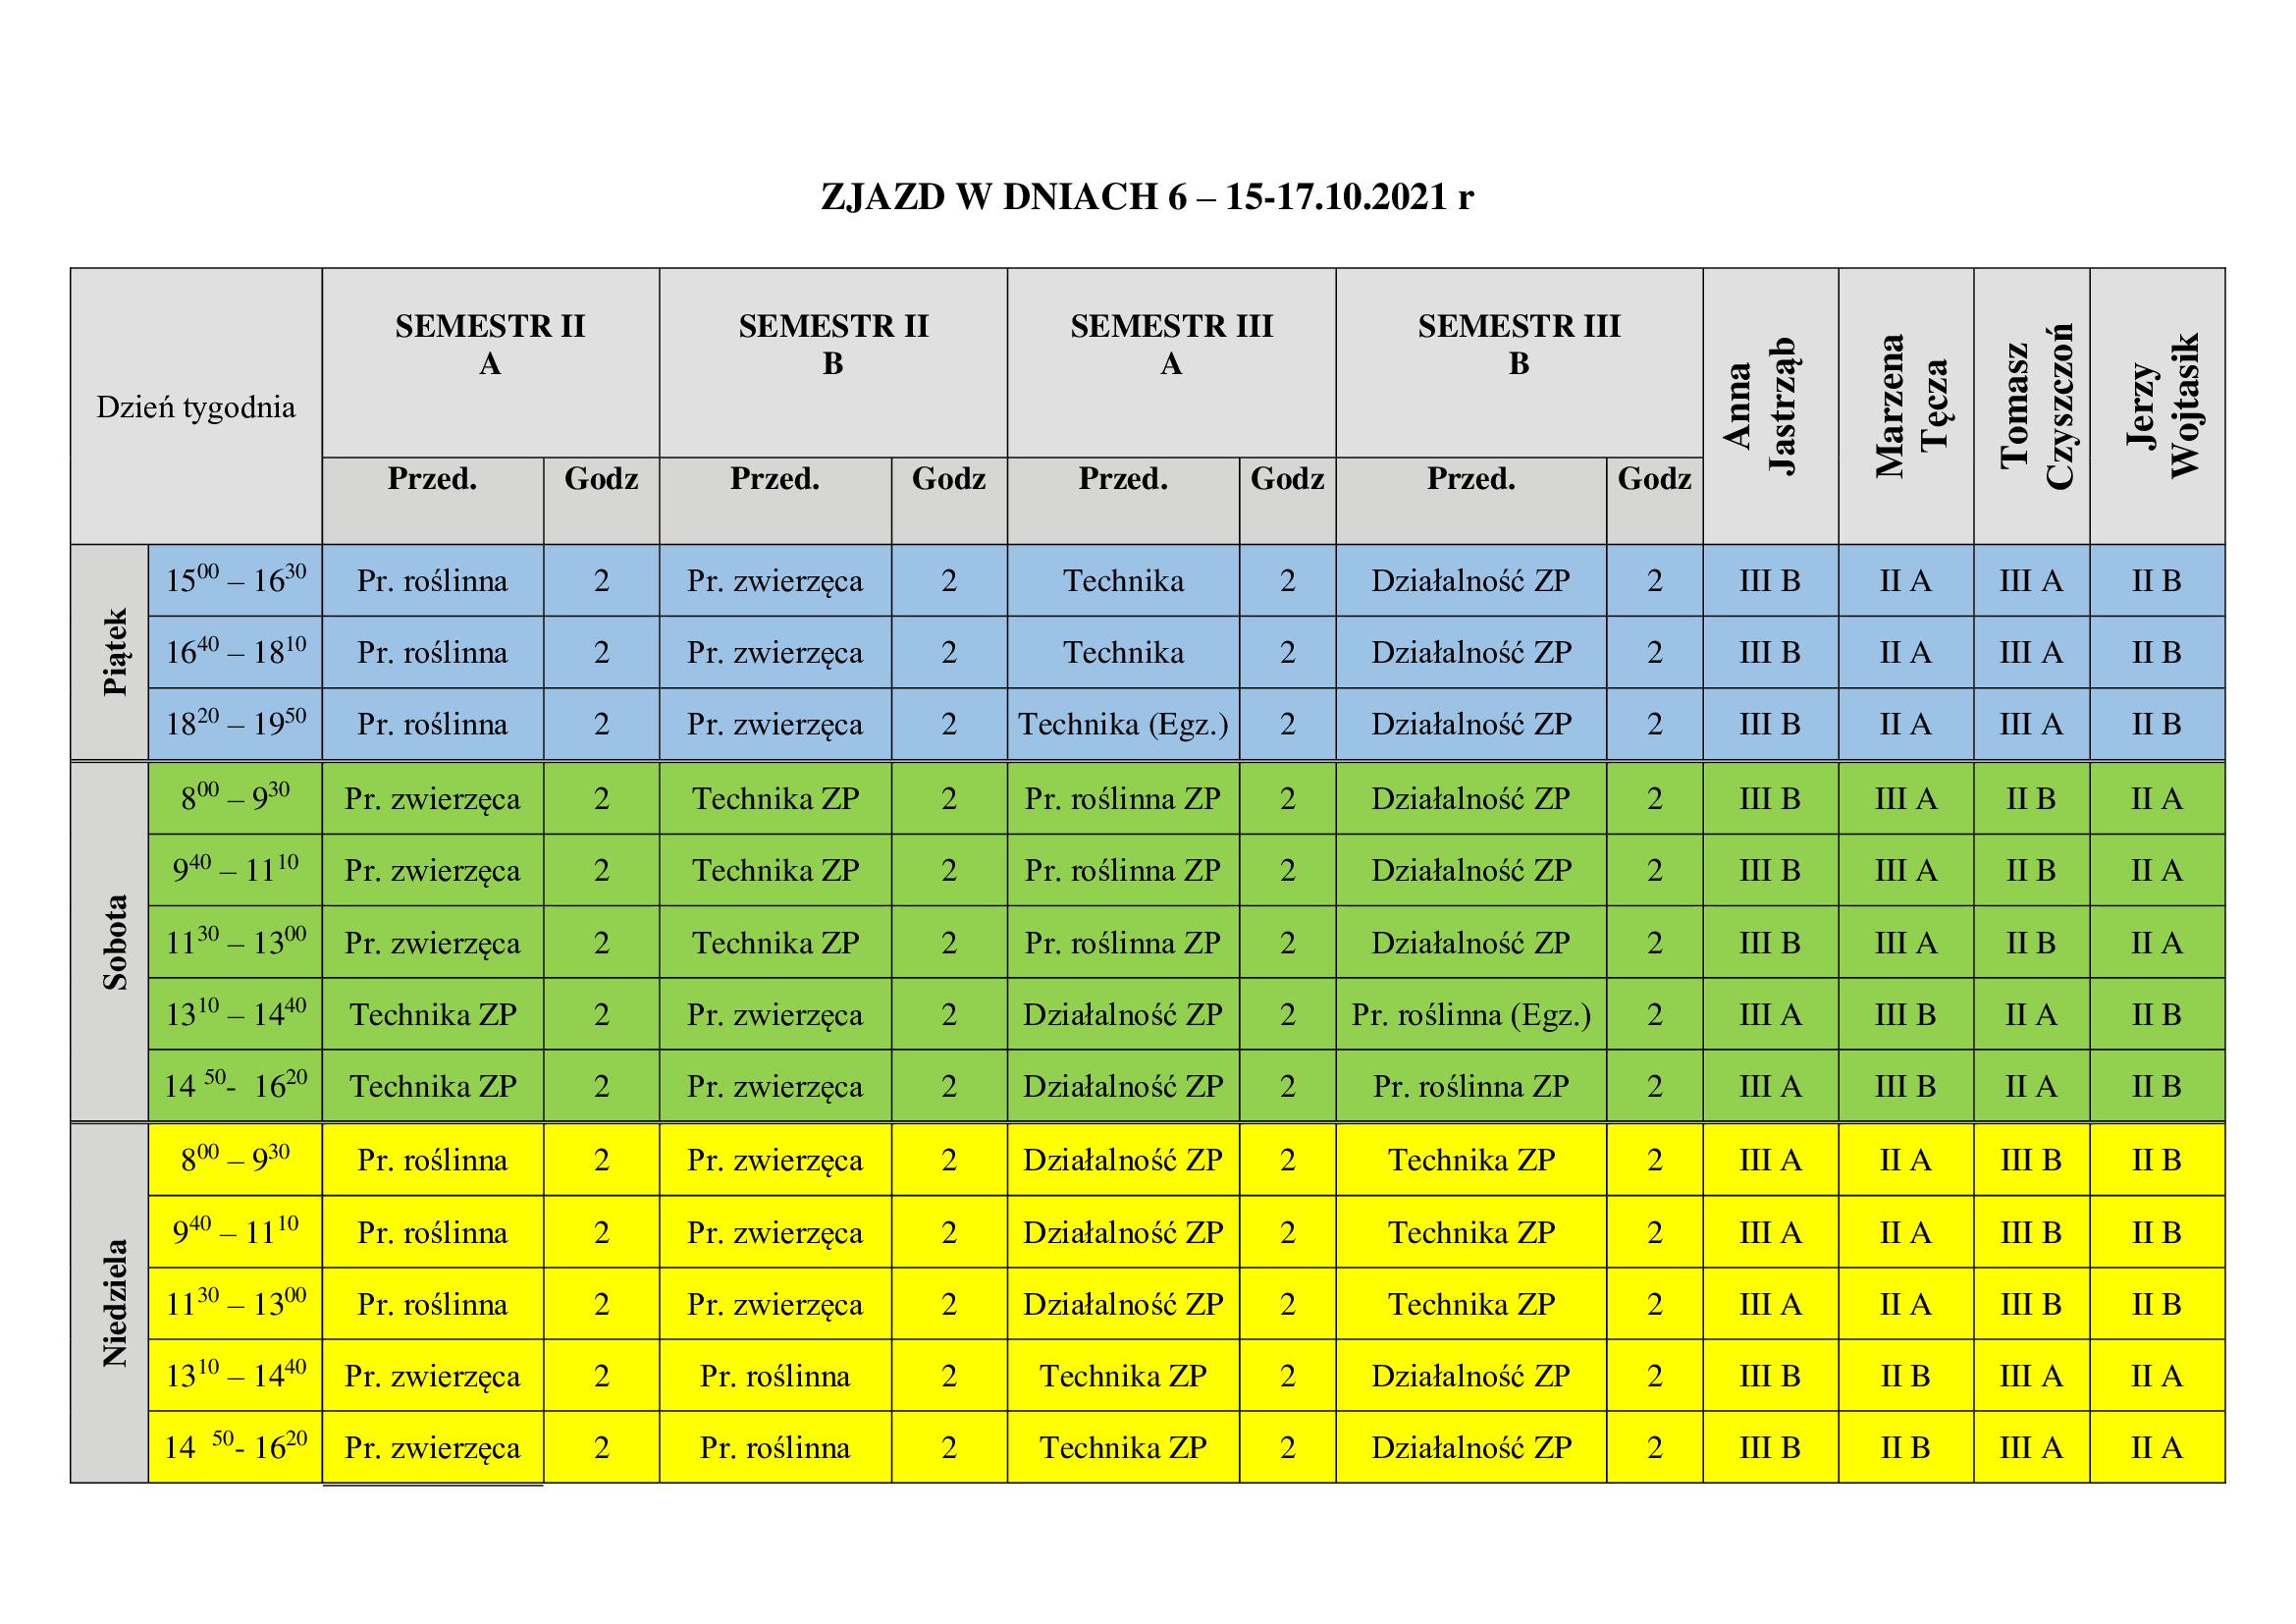 Plan-15-17.10.2021-r